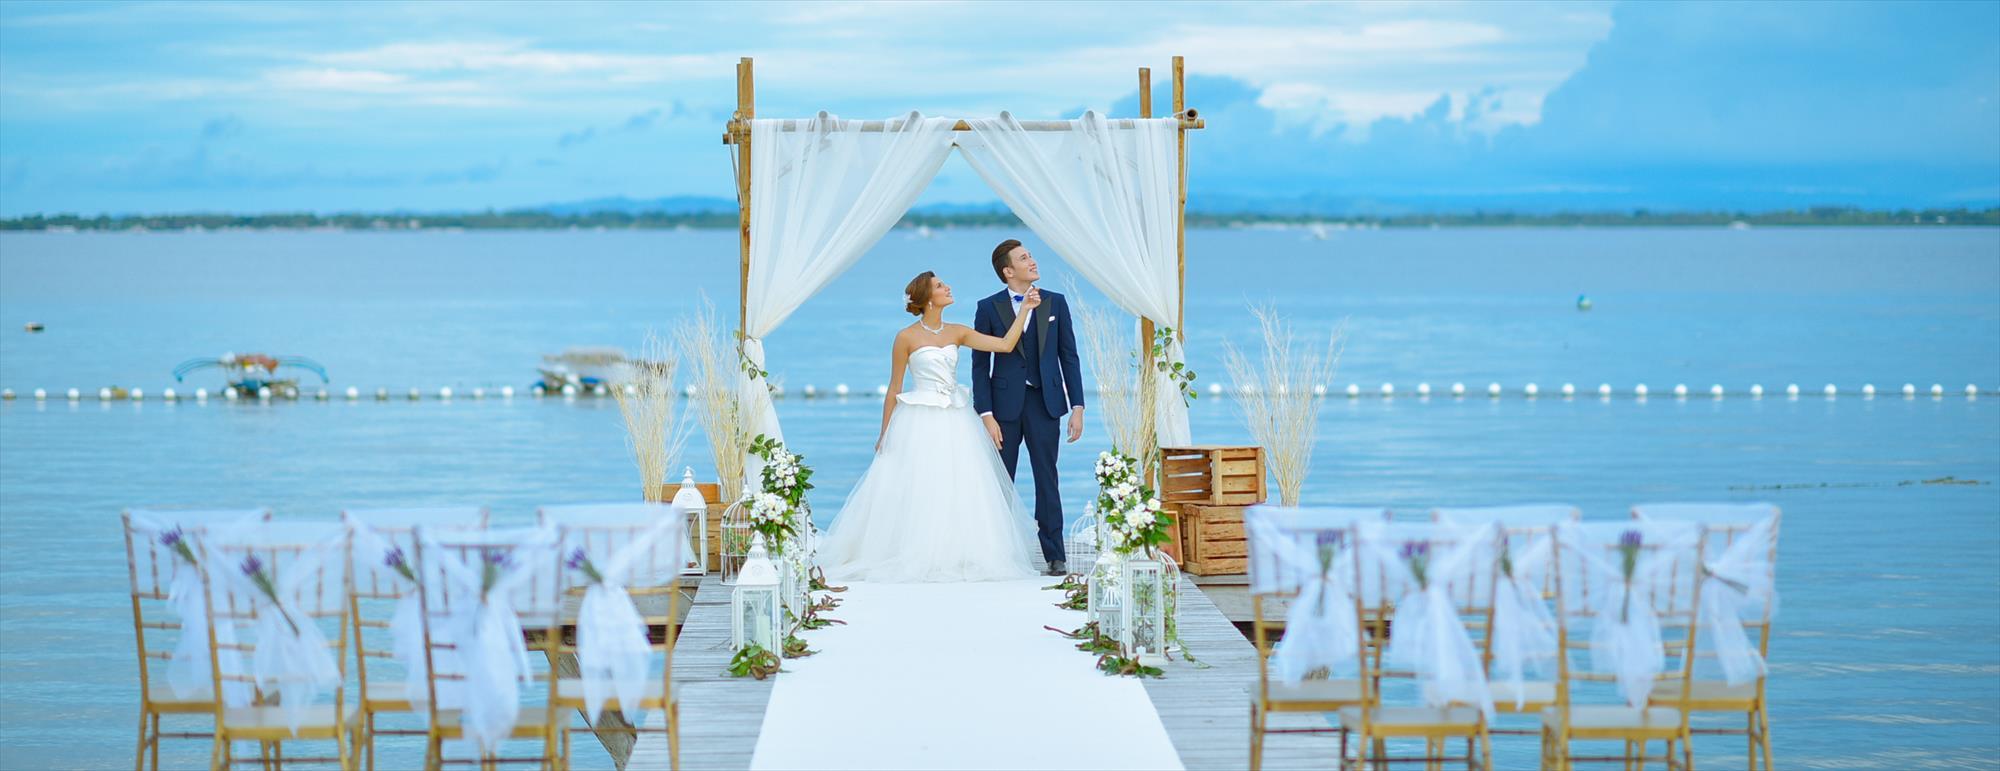 セブ島オーシャン・ウェディングChateau by the Sea Wedding~シャトー・バイ・ザ・シー挙式